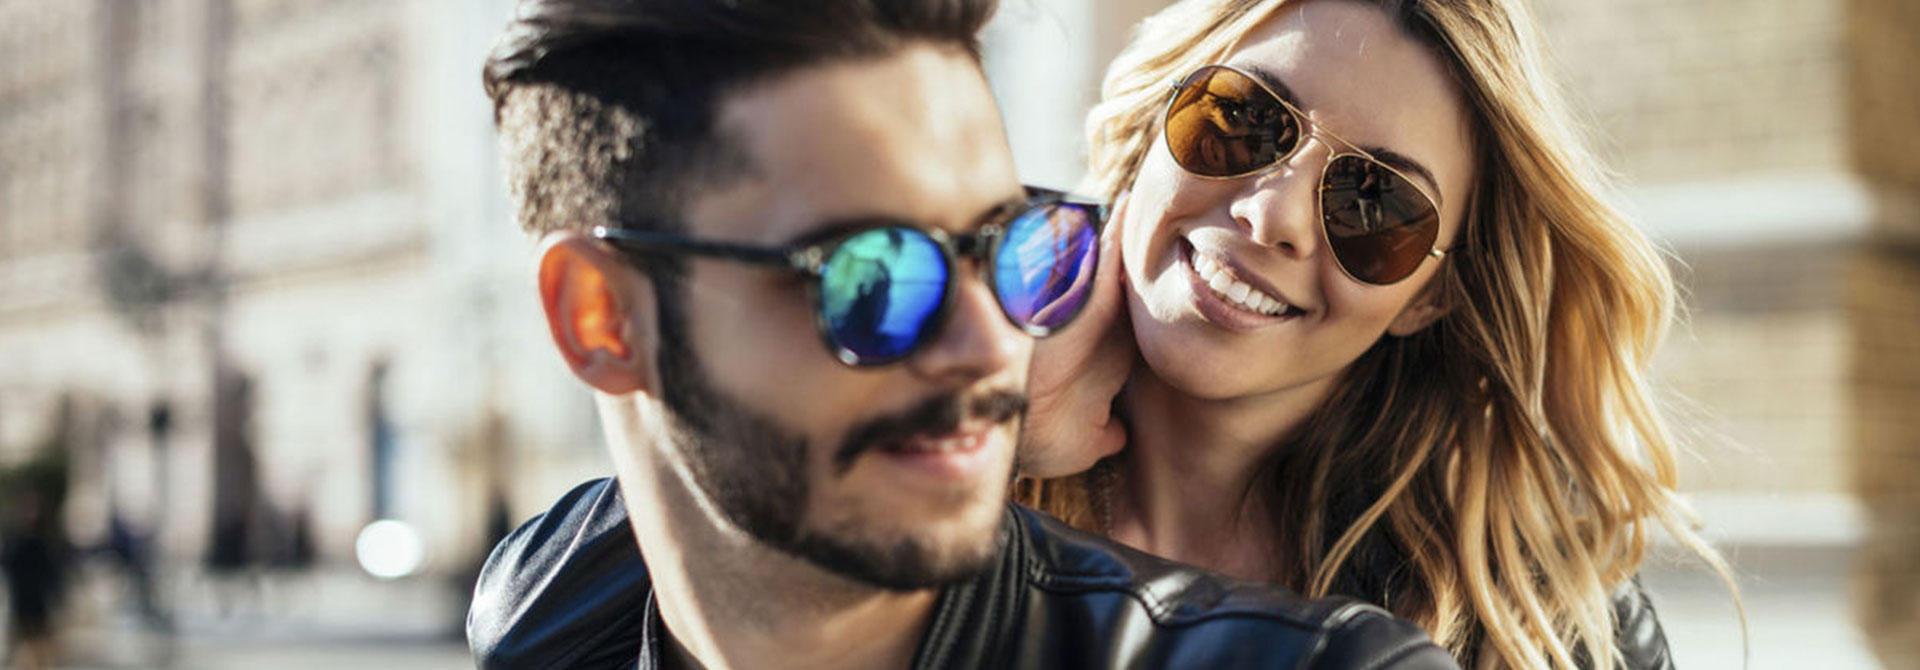 Optika ŠUC  Velika ponudba sončnih očal